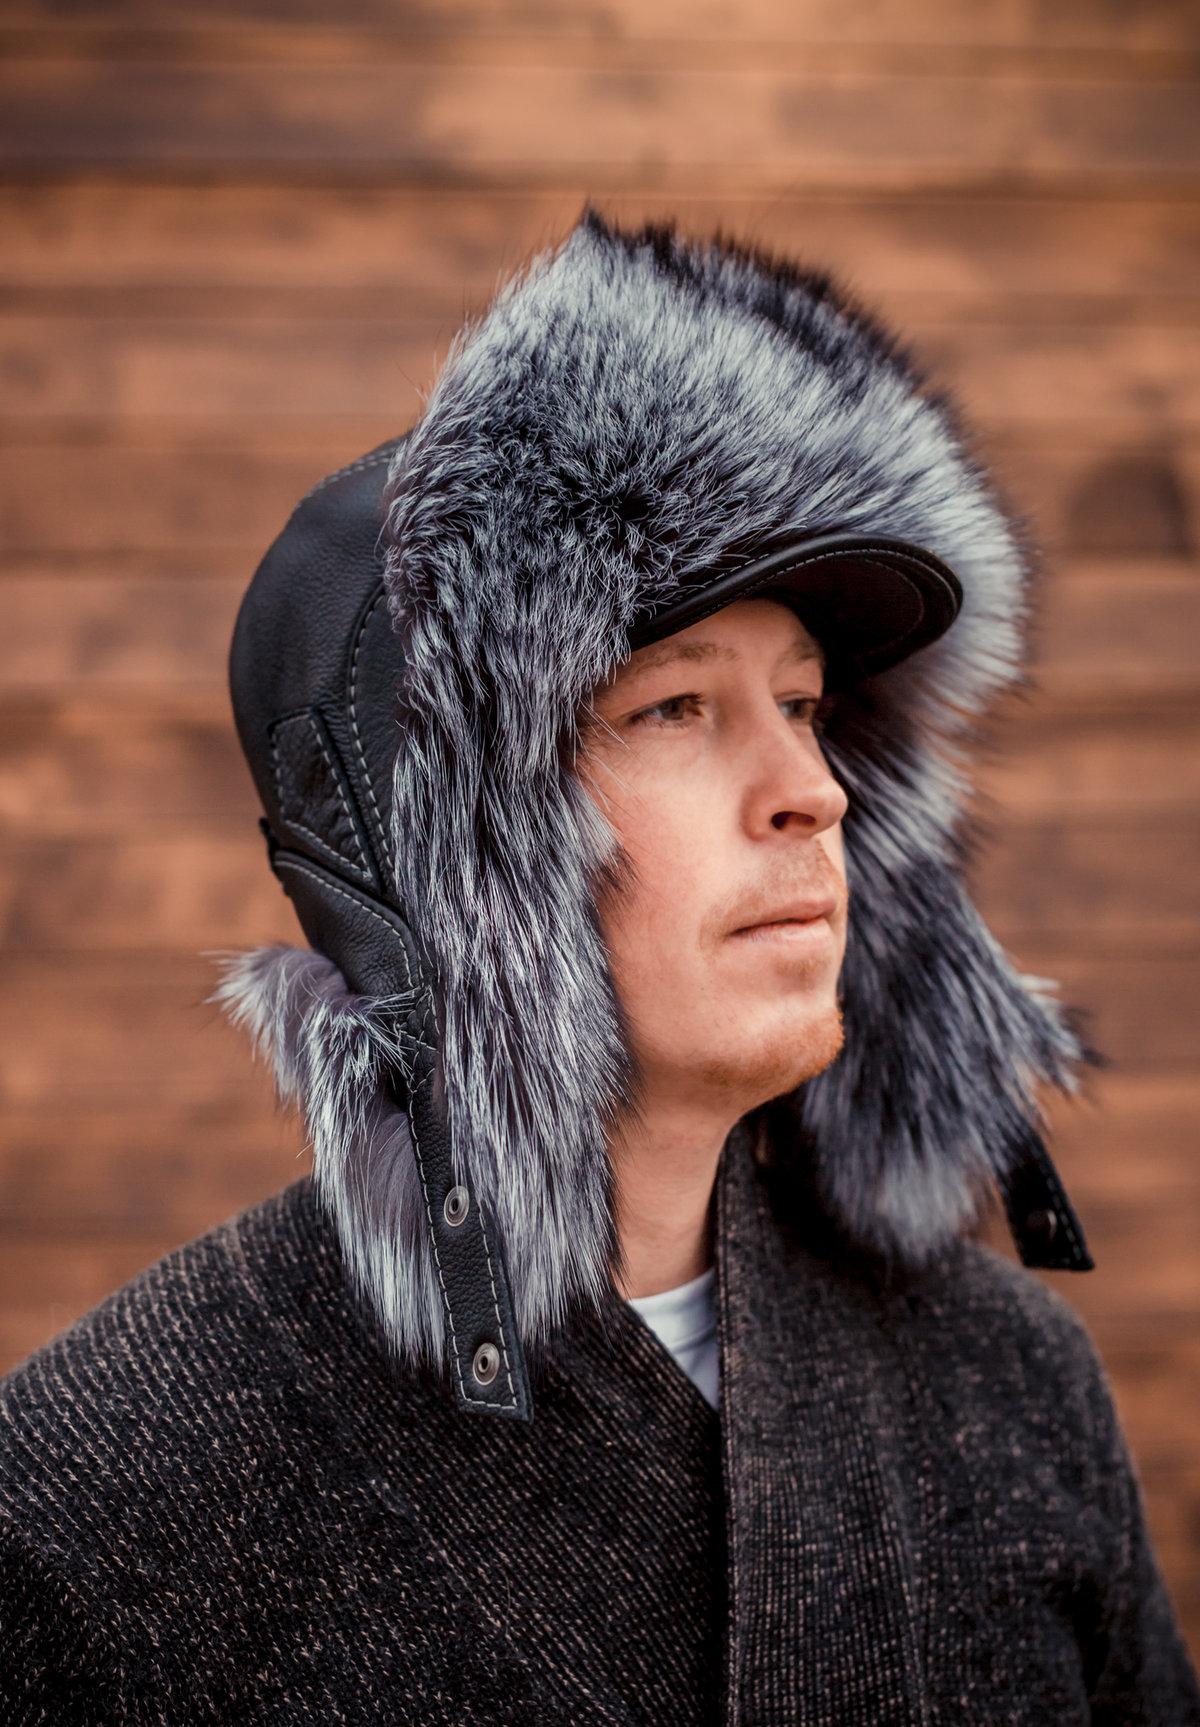 компания мужские меховые шапки фото создавать картины